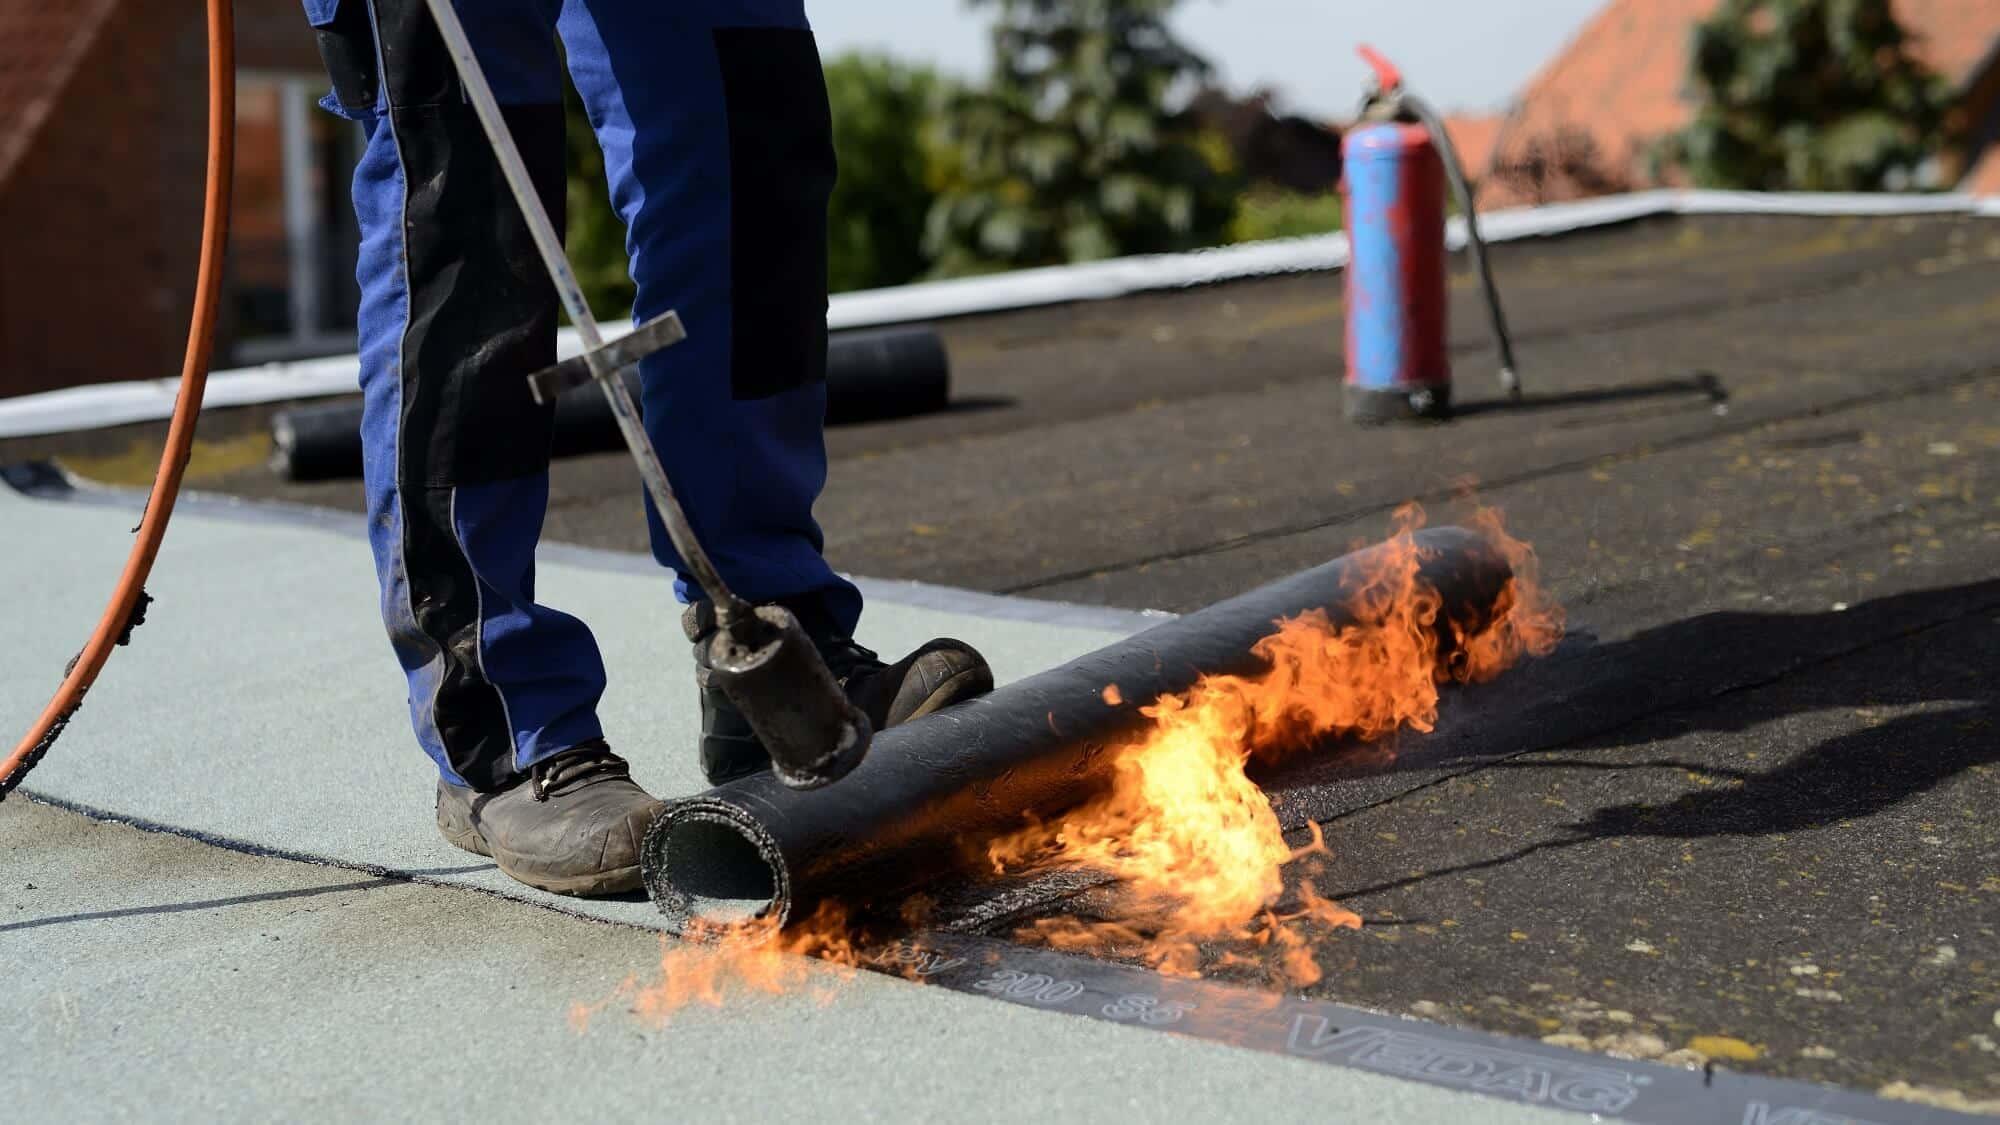 Brandschutz bei feuergefährlichen Arbeiten